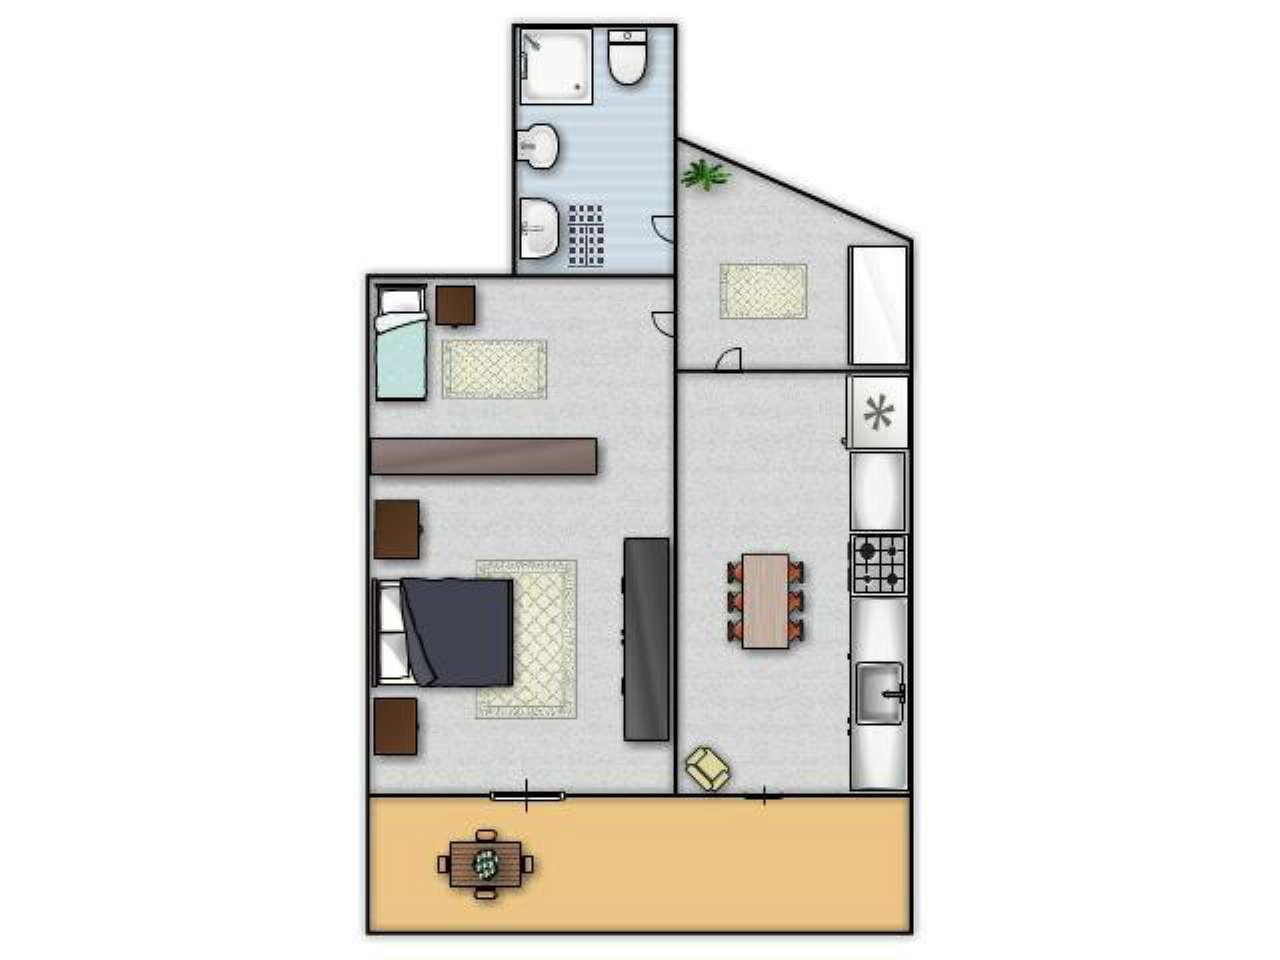 Appartamento in Affitto a Ustica:  2 locali, 70 mq  - Foto 1